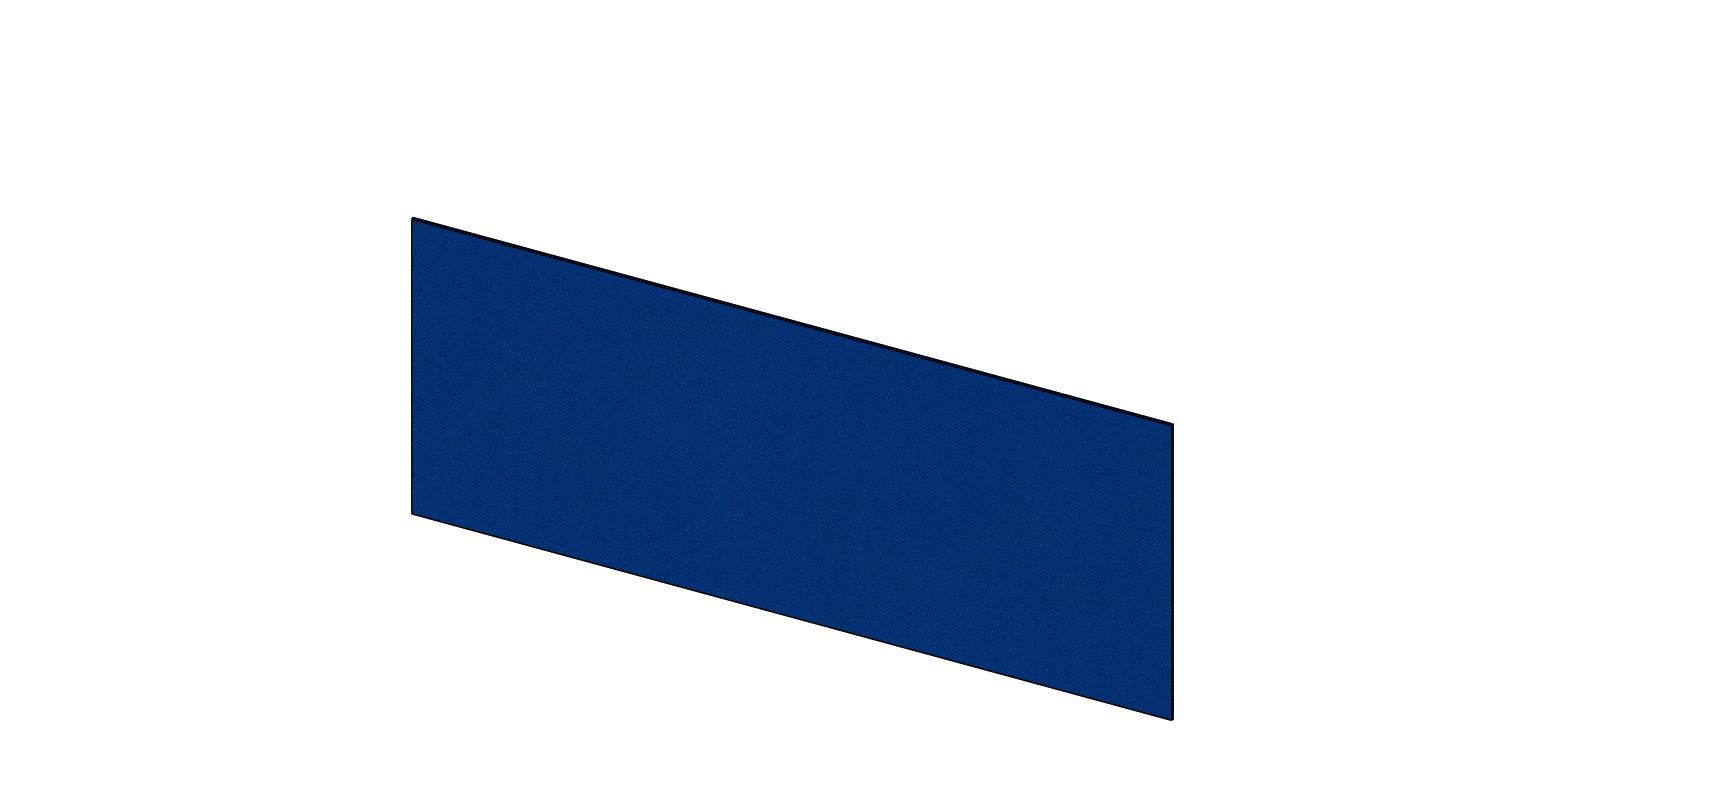 Pinboard(blue)